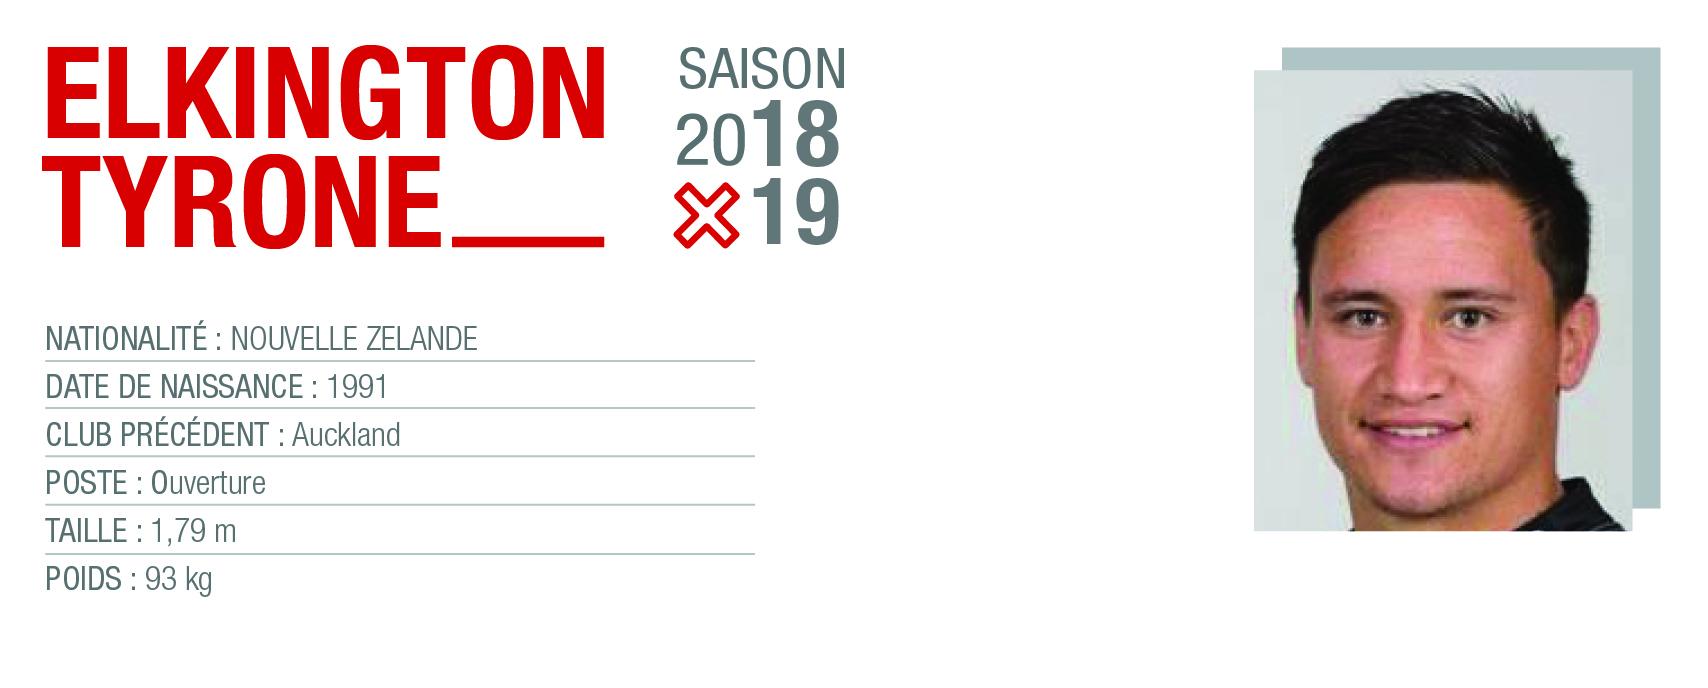 SAISON 2018 - 2019 - Page 2 5b2392cfbbddbd6cb750ceae